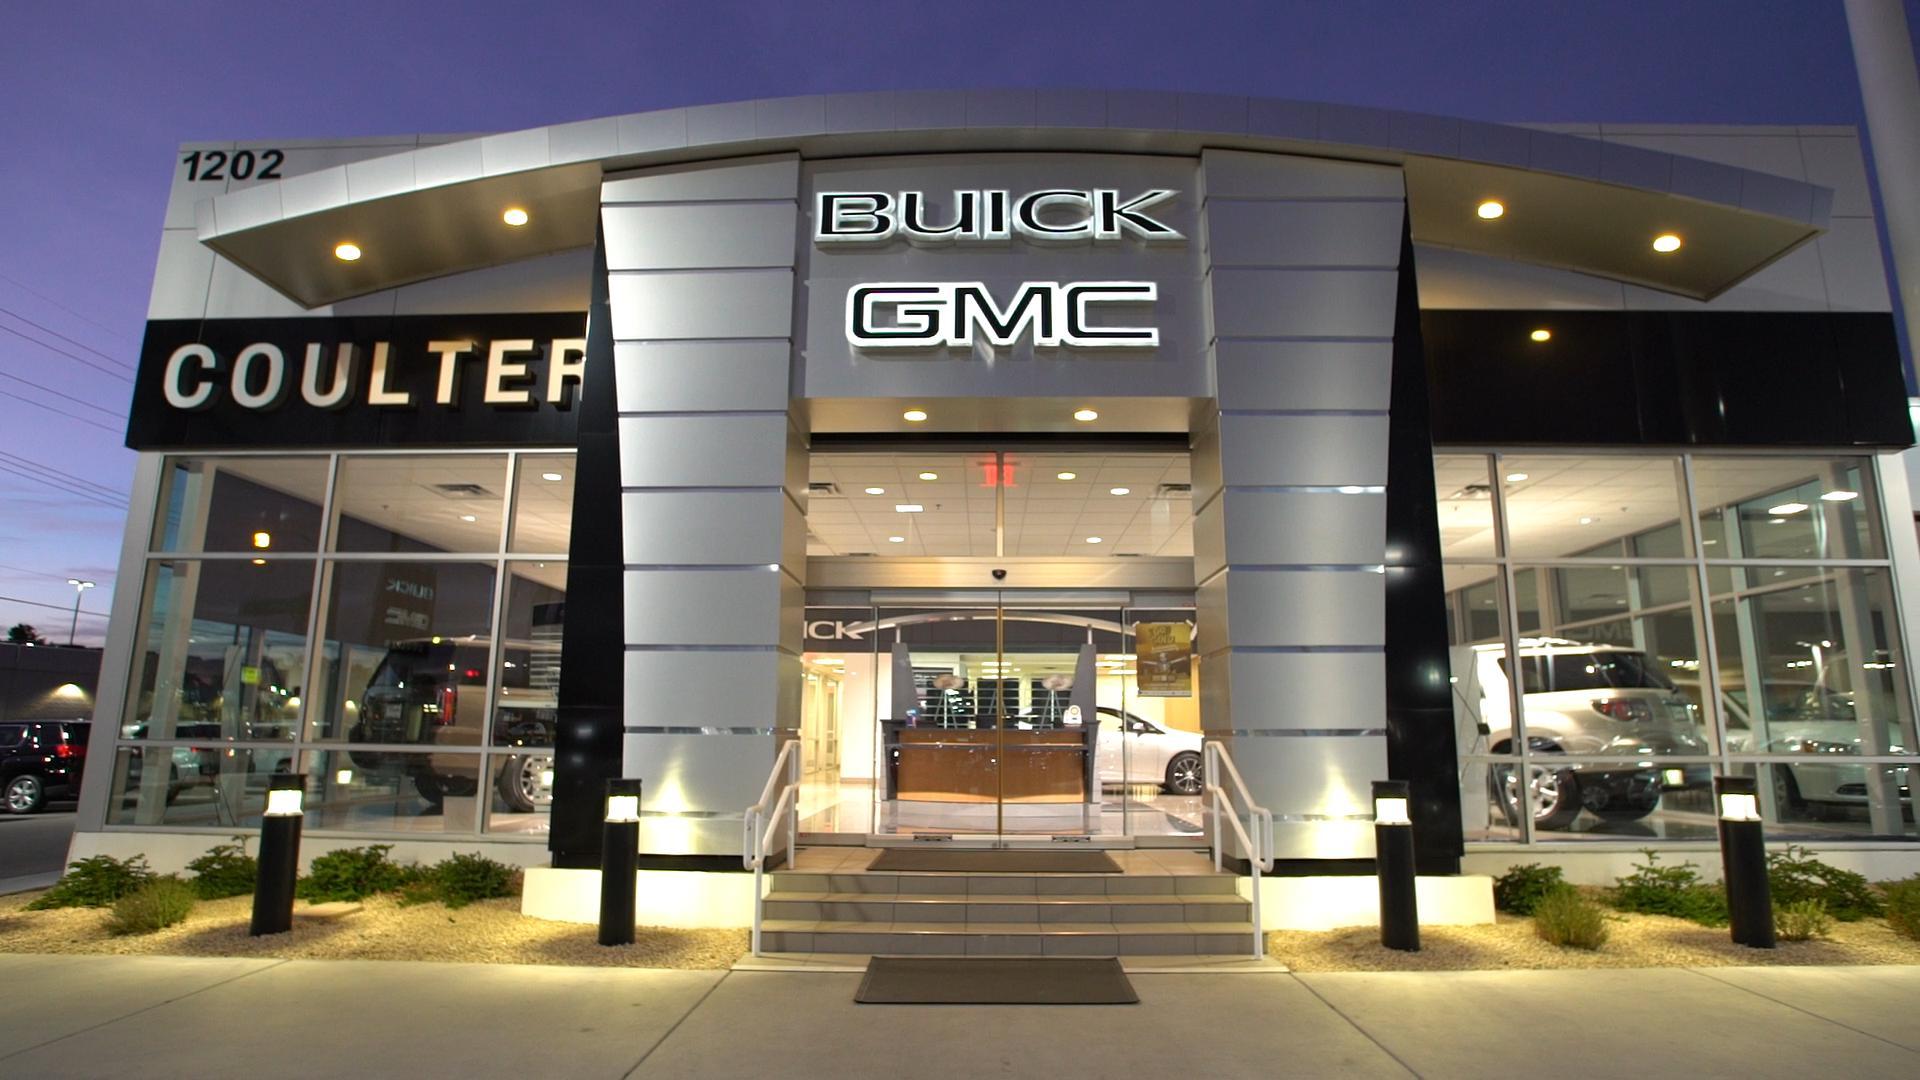 Coulter Buick Gmc Phoenix Phoenix Arizona Az